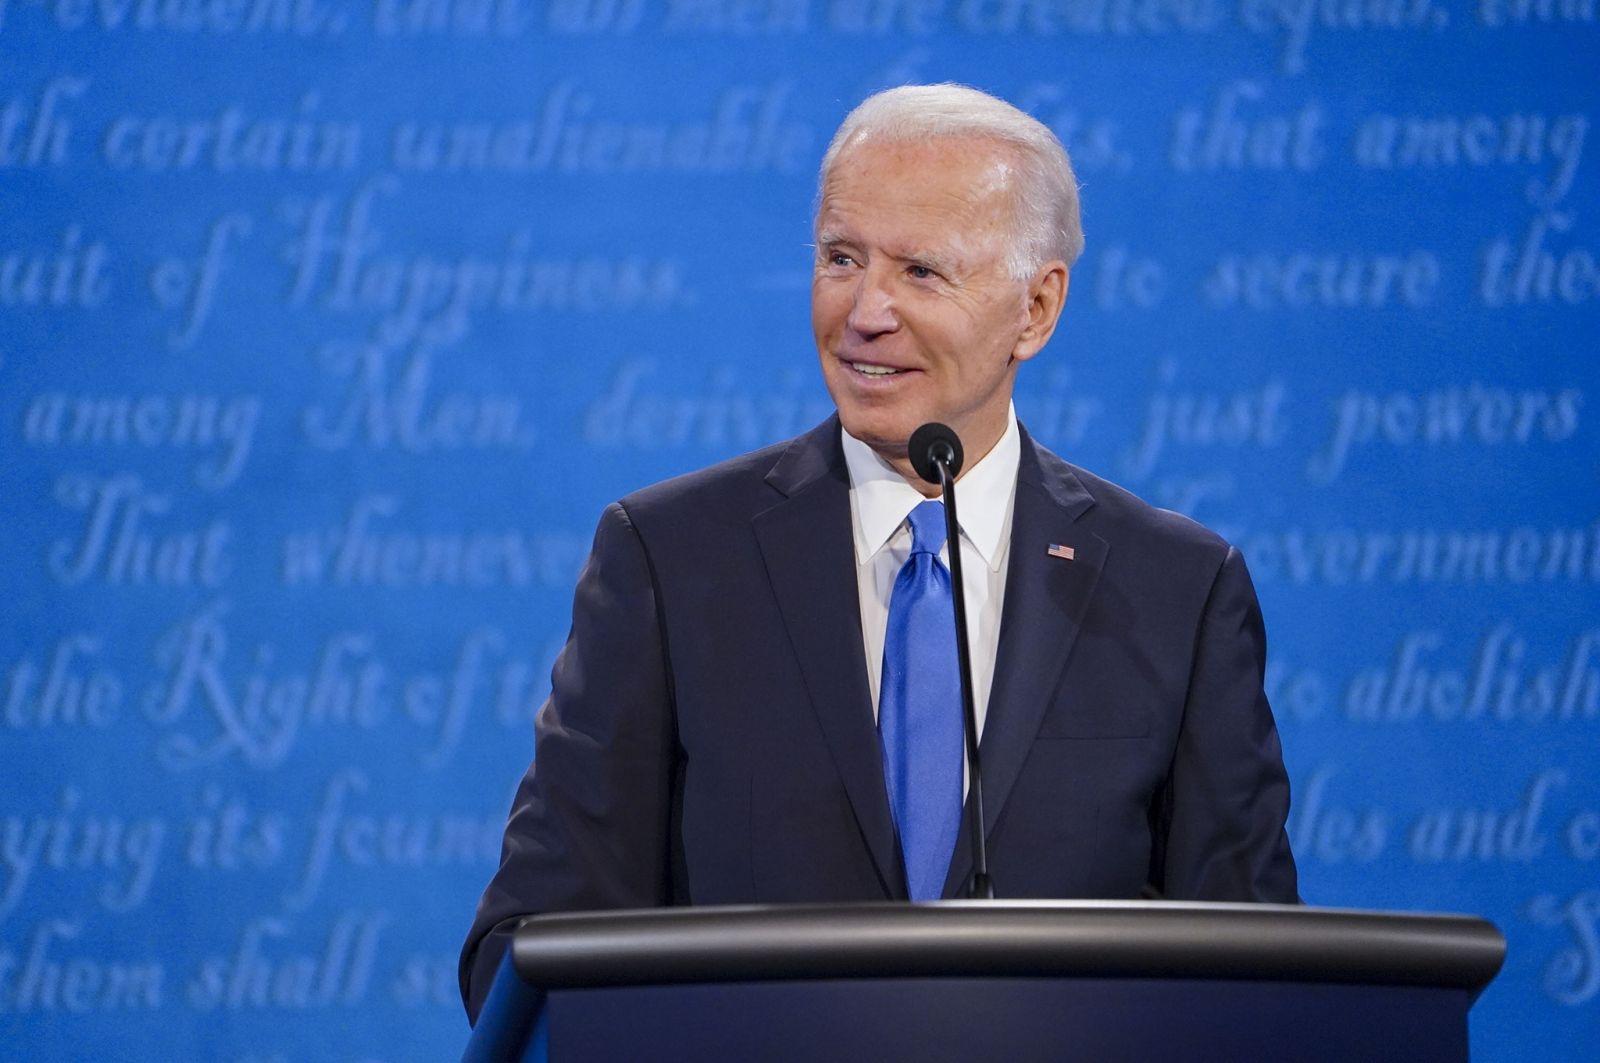 Biden amplia metas para avançar em vacinação, inclusive entre jovens - Reprodução/Facebook